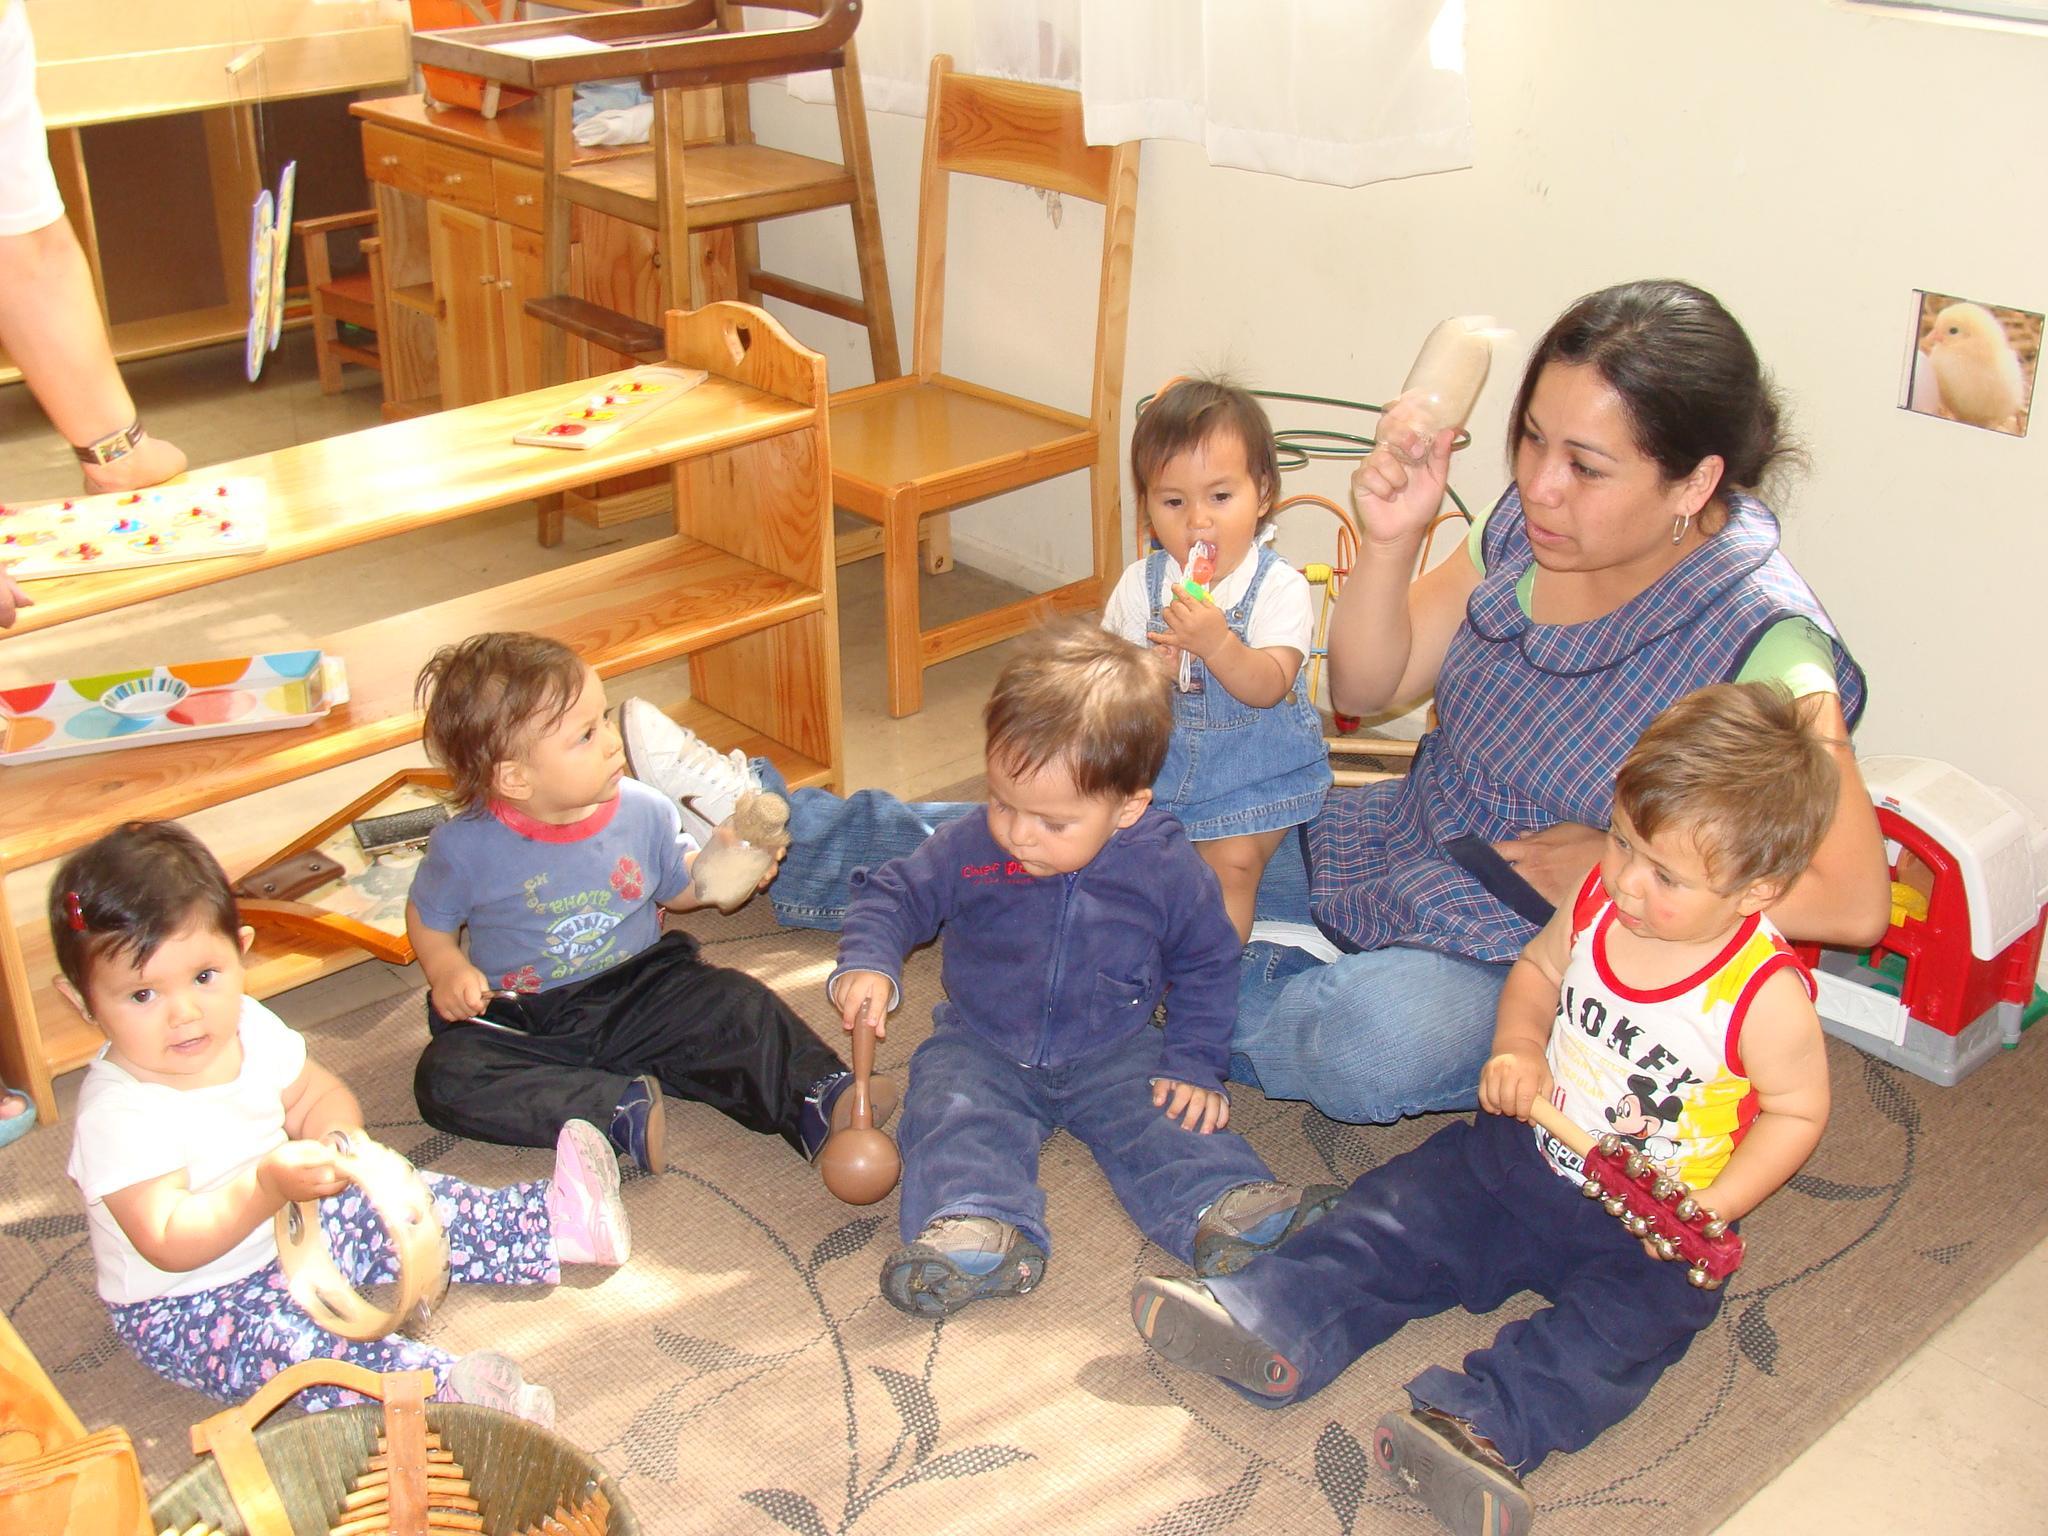 En qu fijarse para elegir un jard n infantil o sala cuna for Actividades para jardin maternal